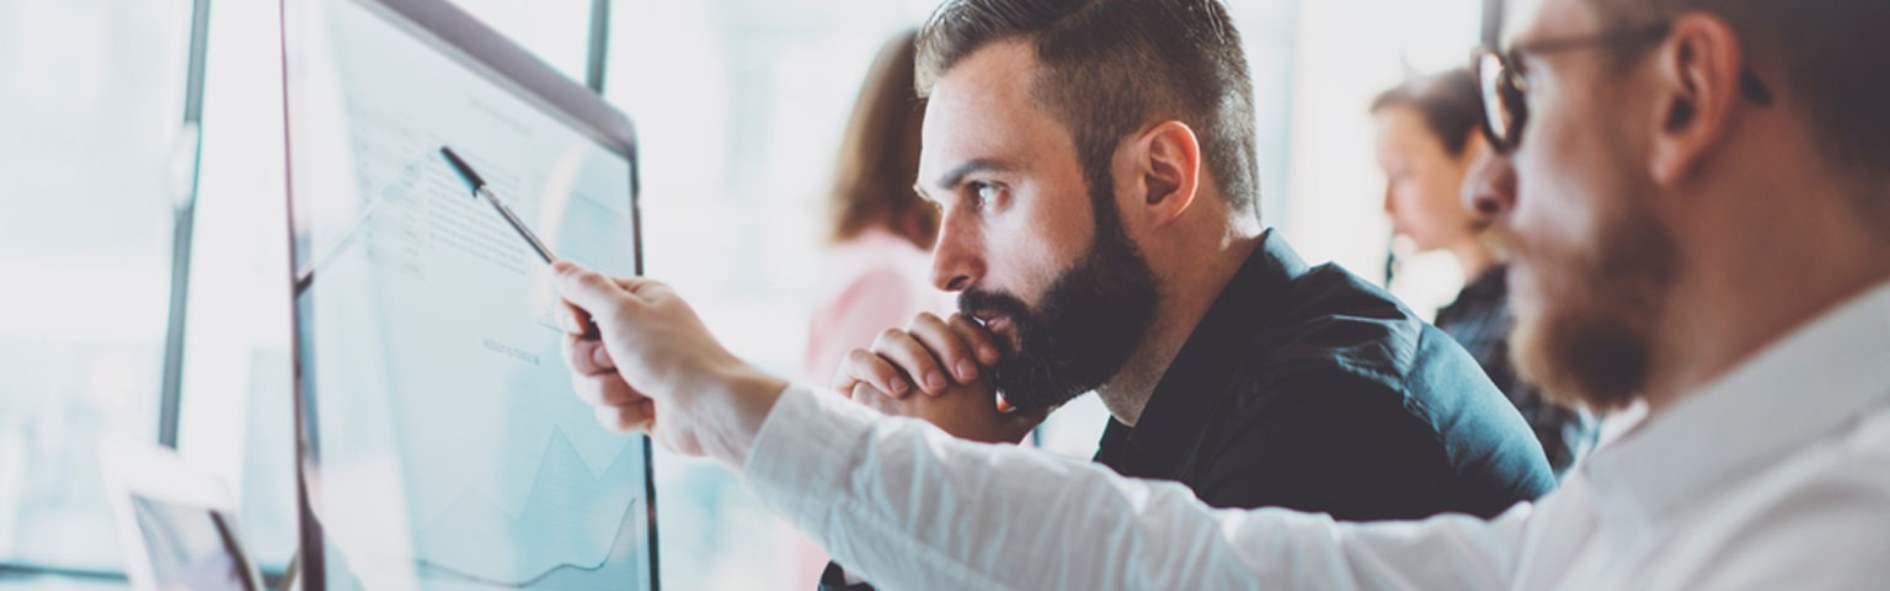 Descubre MS Project y las ventajas que ofrece este software para gestionar proyectos